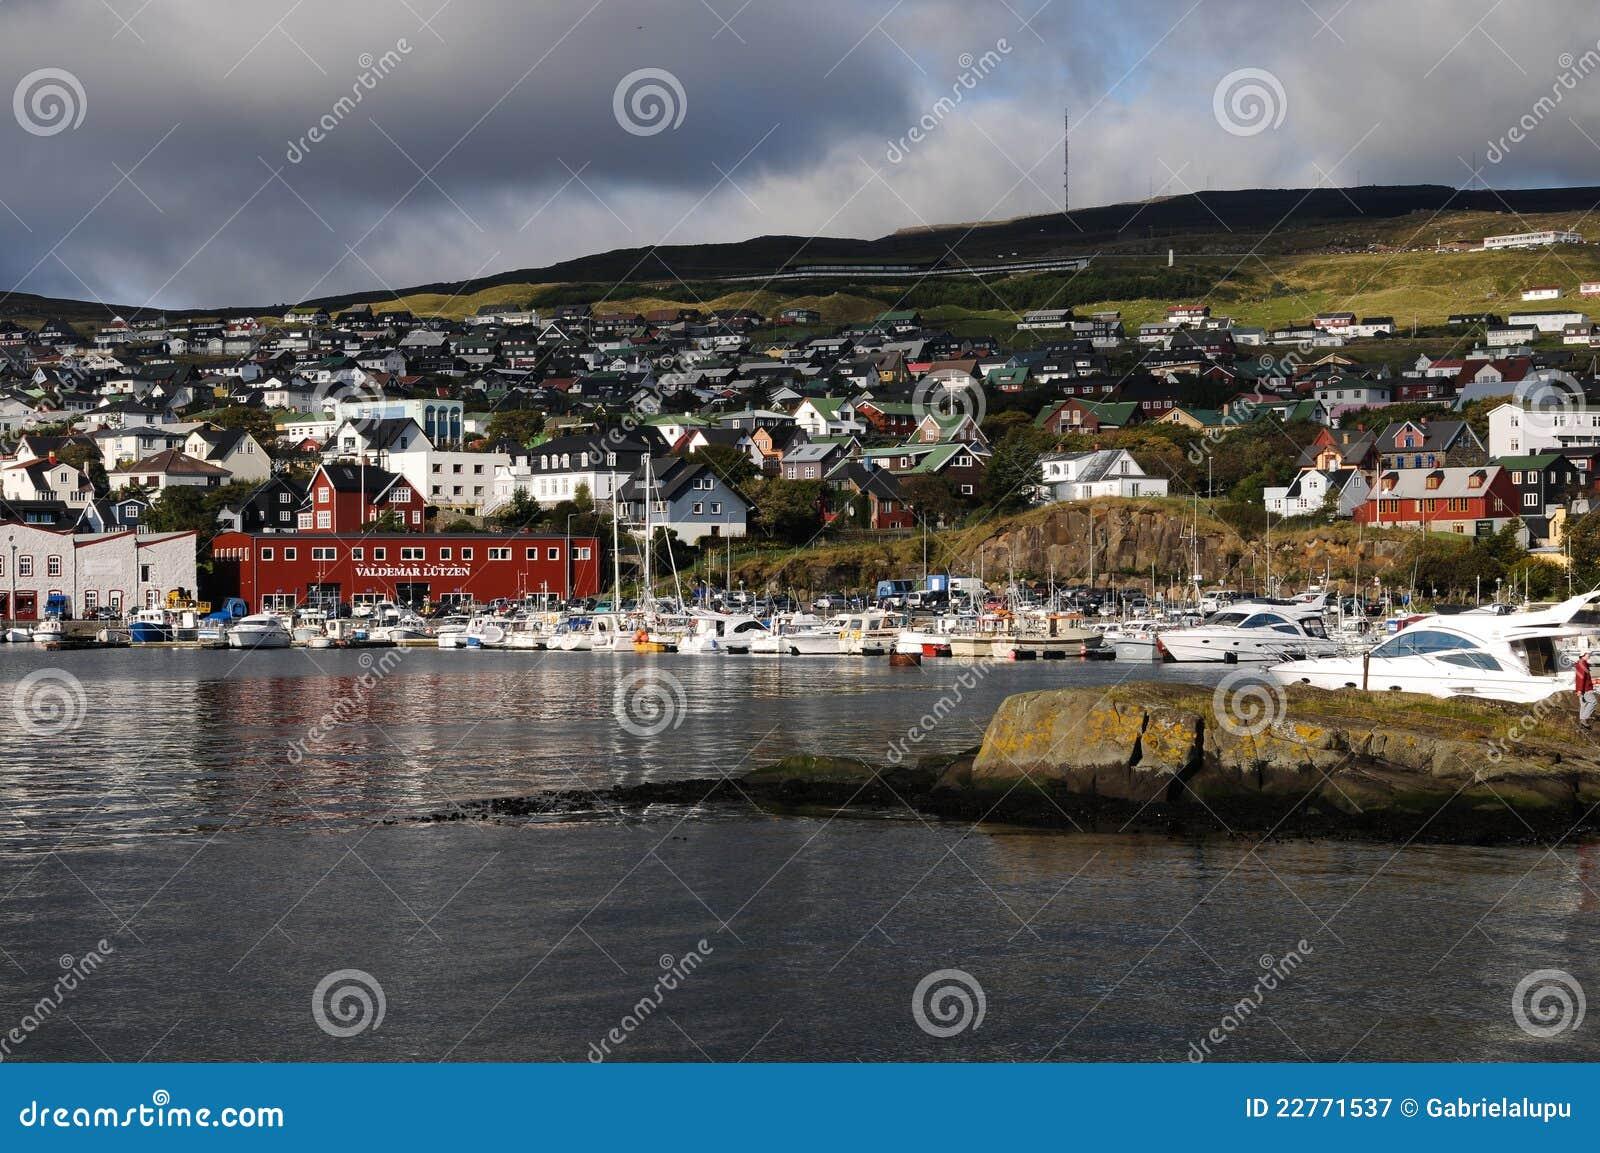 Port of torshavn